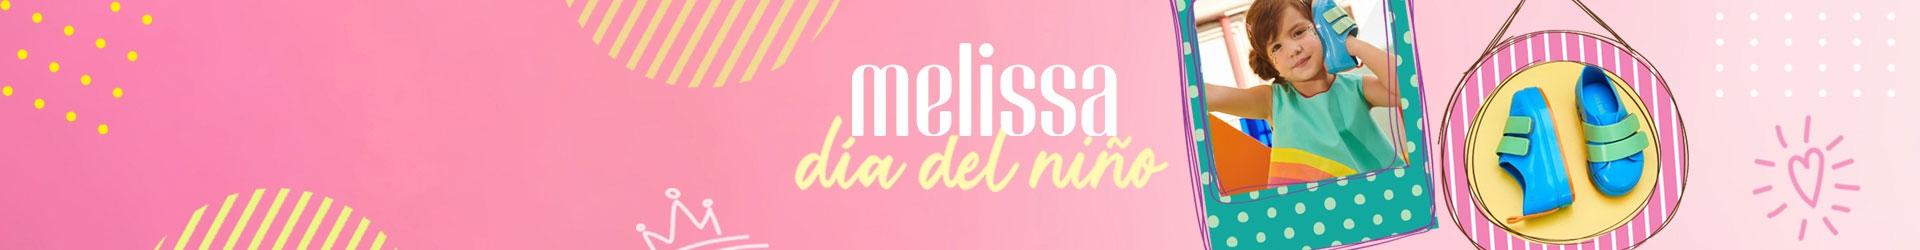 Melissa Niños